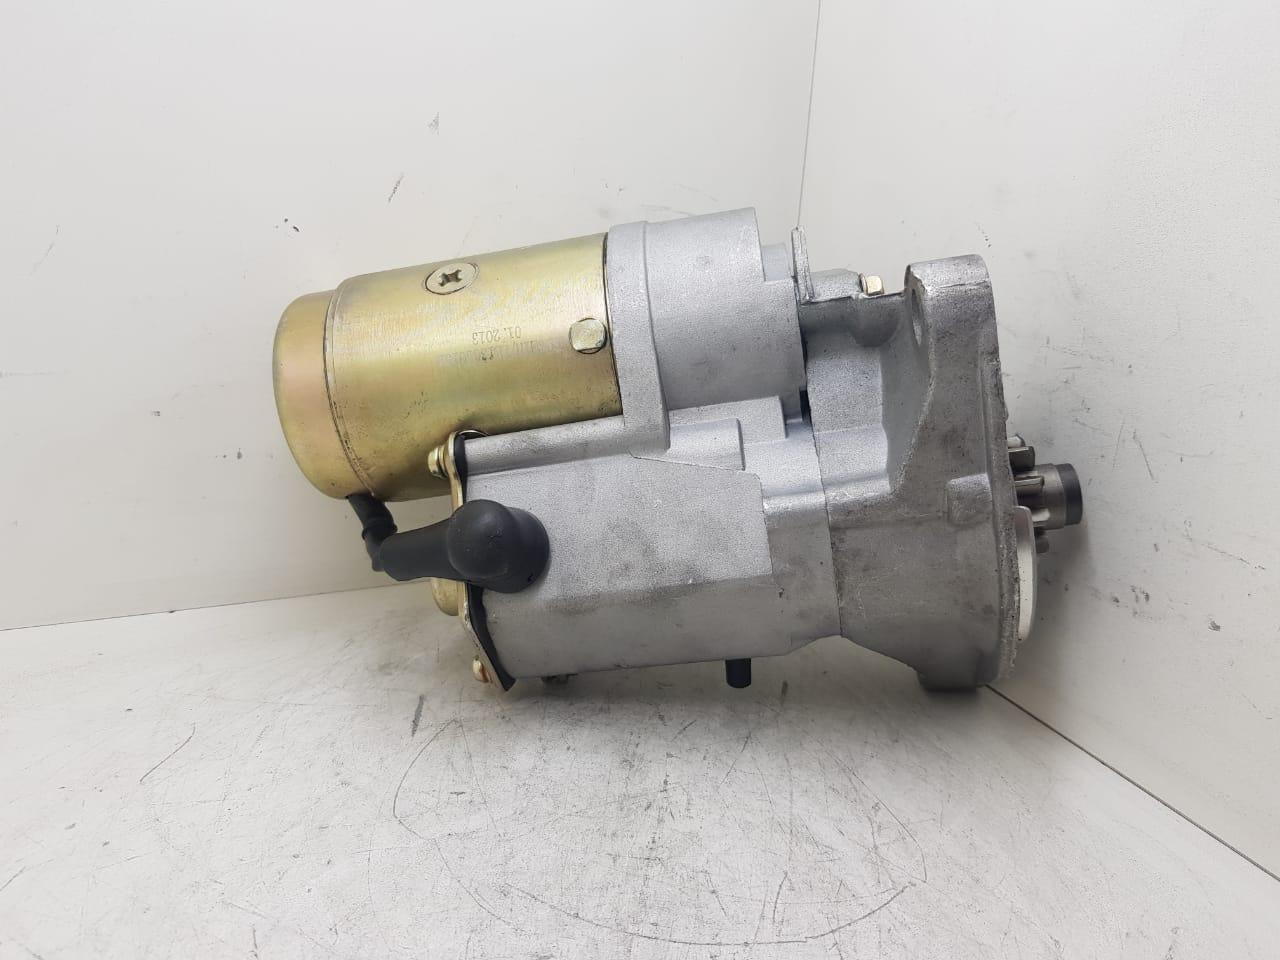 Motor De Partida Arranque Hilux 2.4 Diesel 4x2 4x4 1992 a 1998 10 Dentes T05MP898 V71MP888